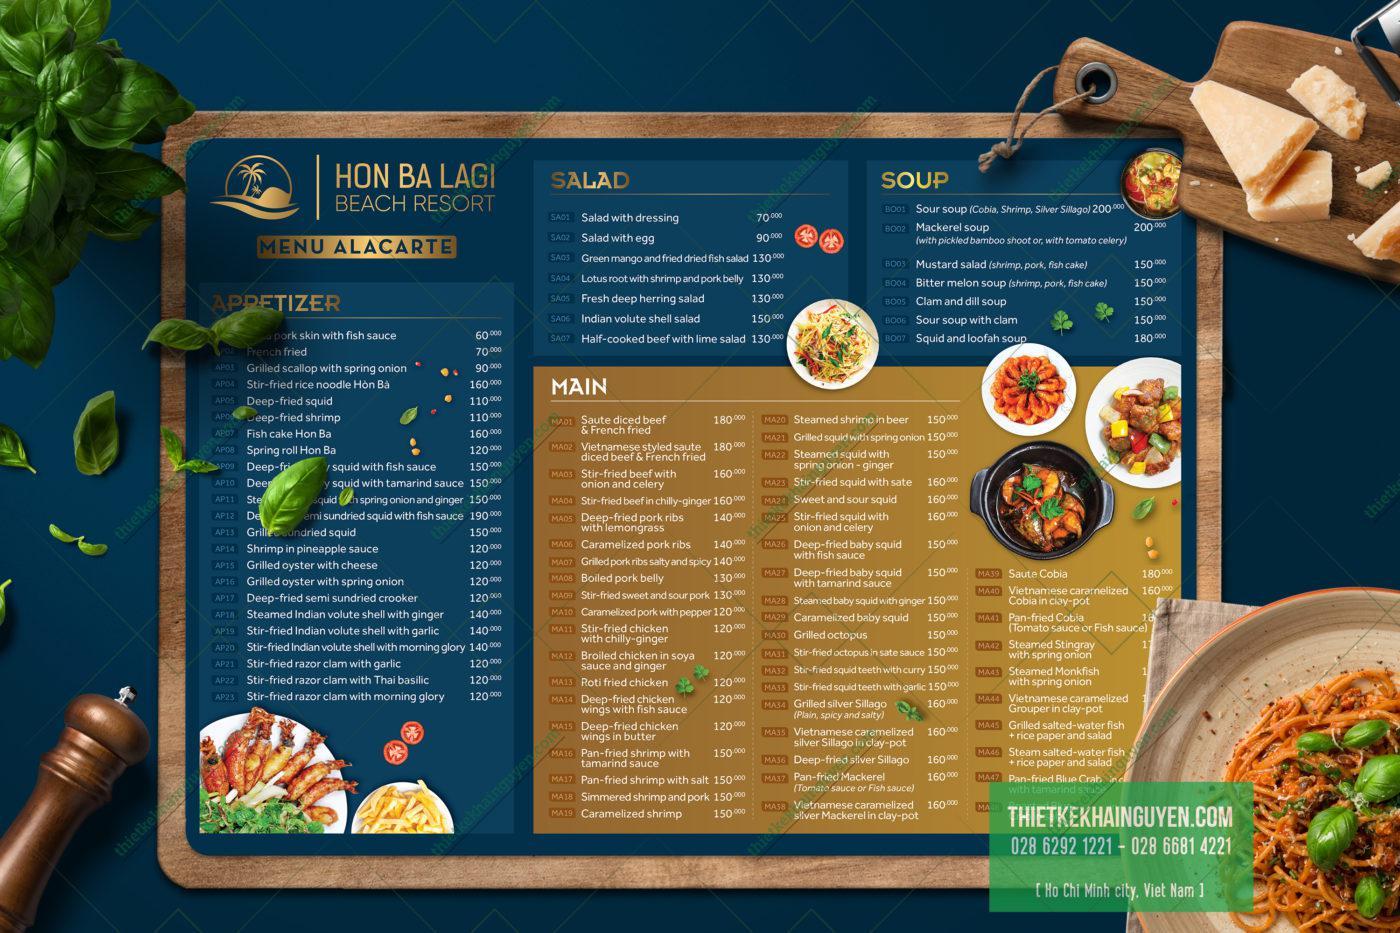 Phiên bảng tiếng Anh của menu Resort Hon Ba LaGi